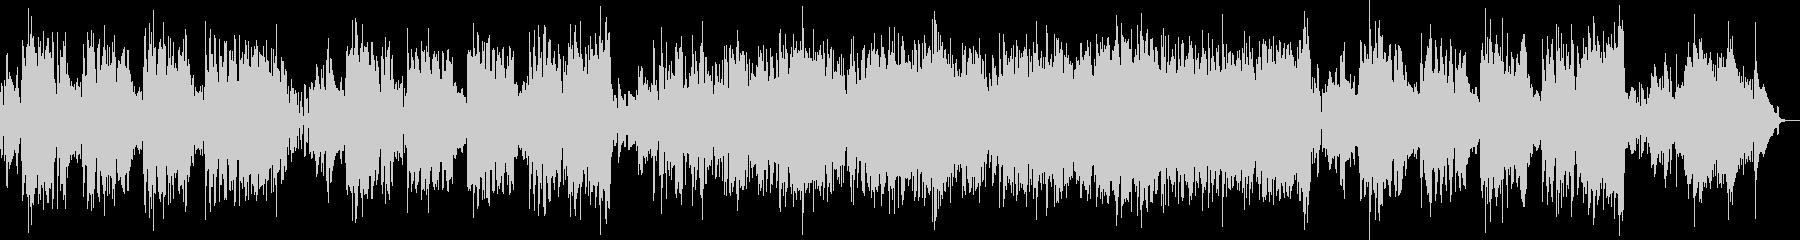 フルートとエレピのラテンの未再生の波形